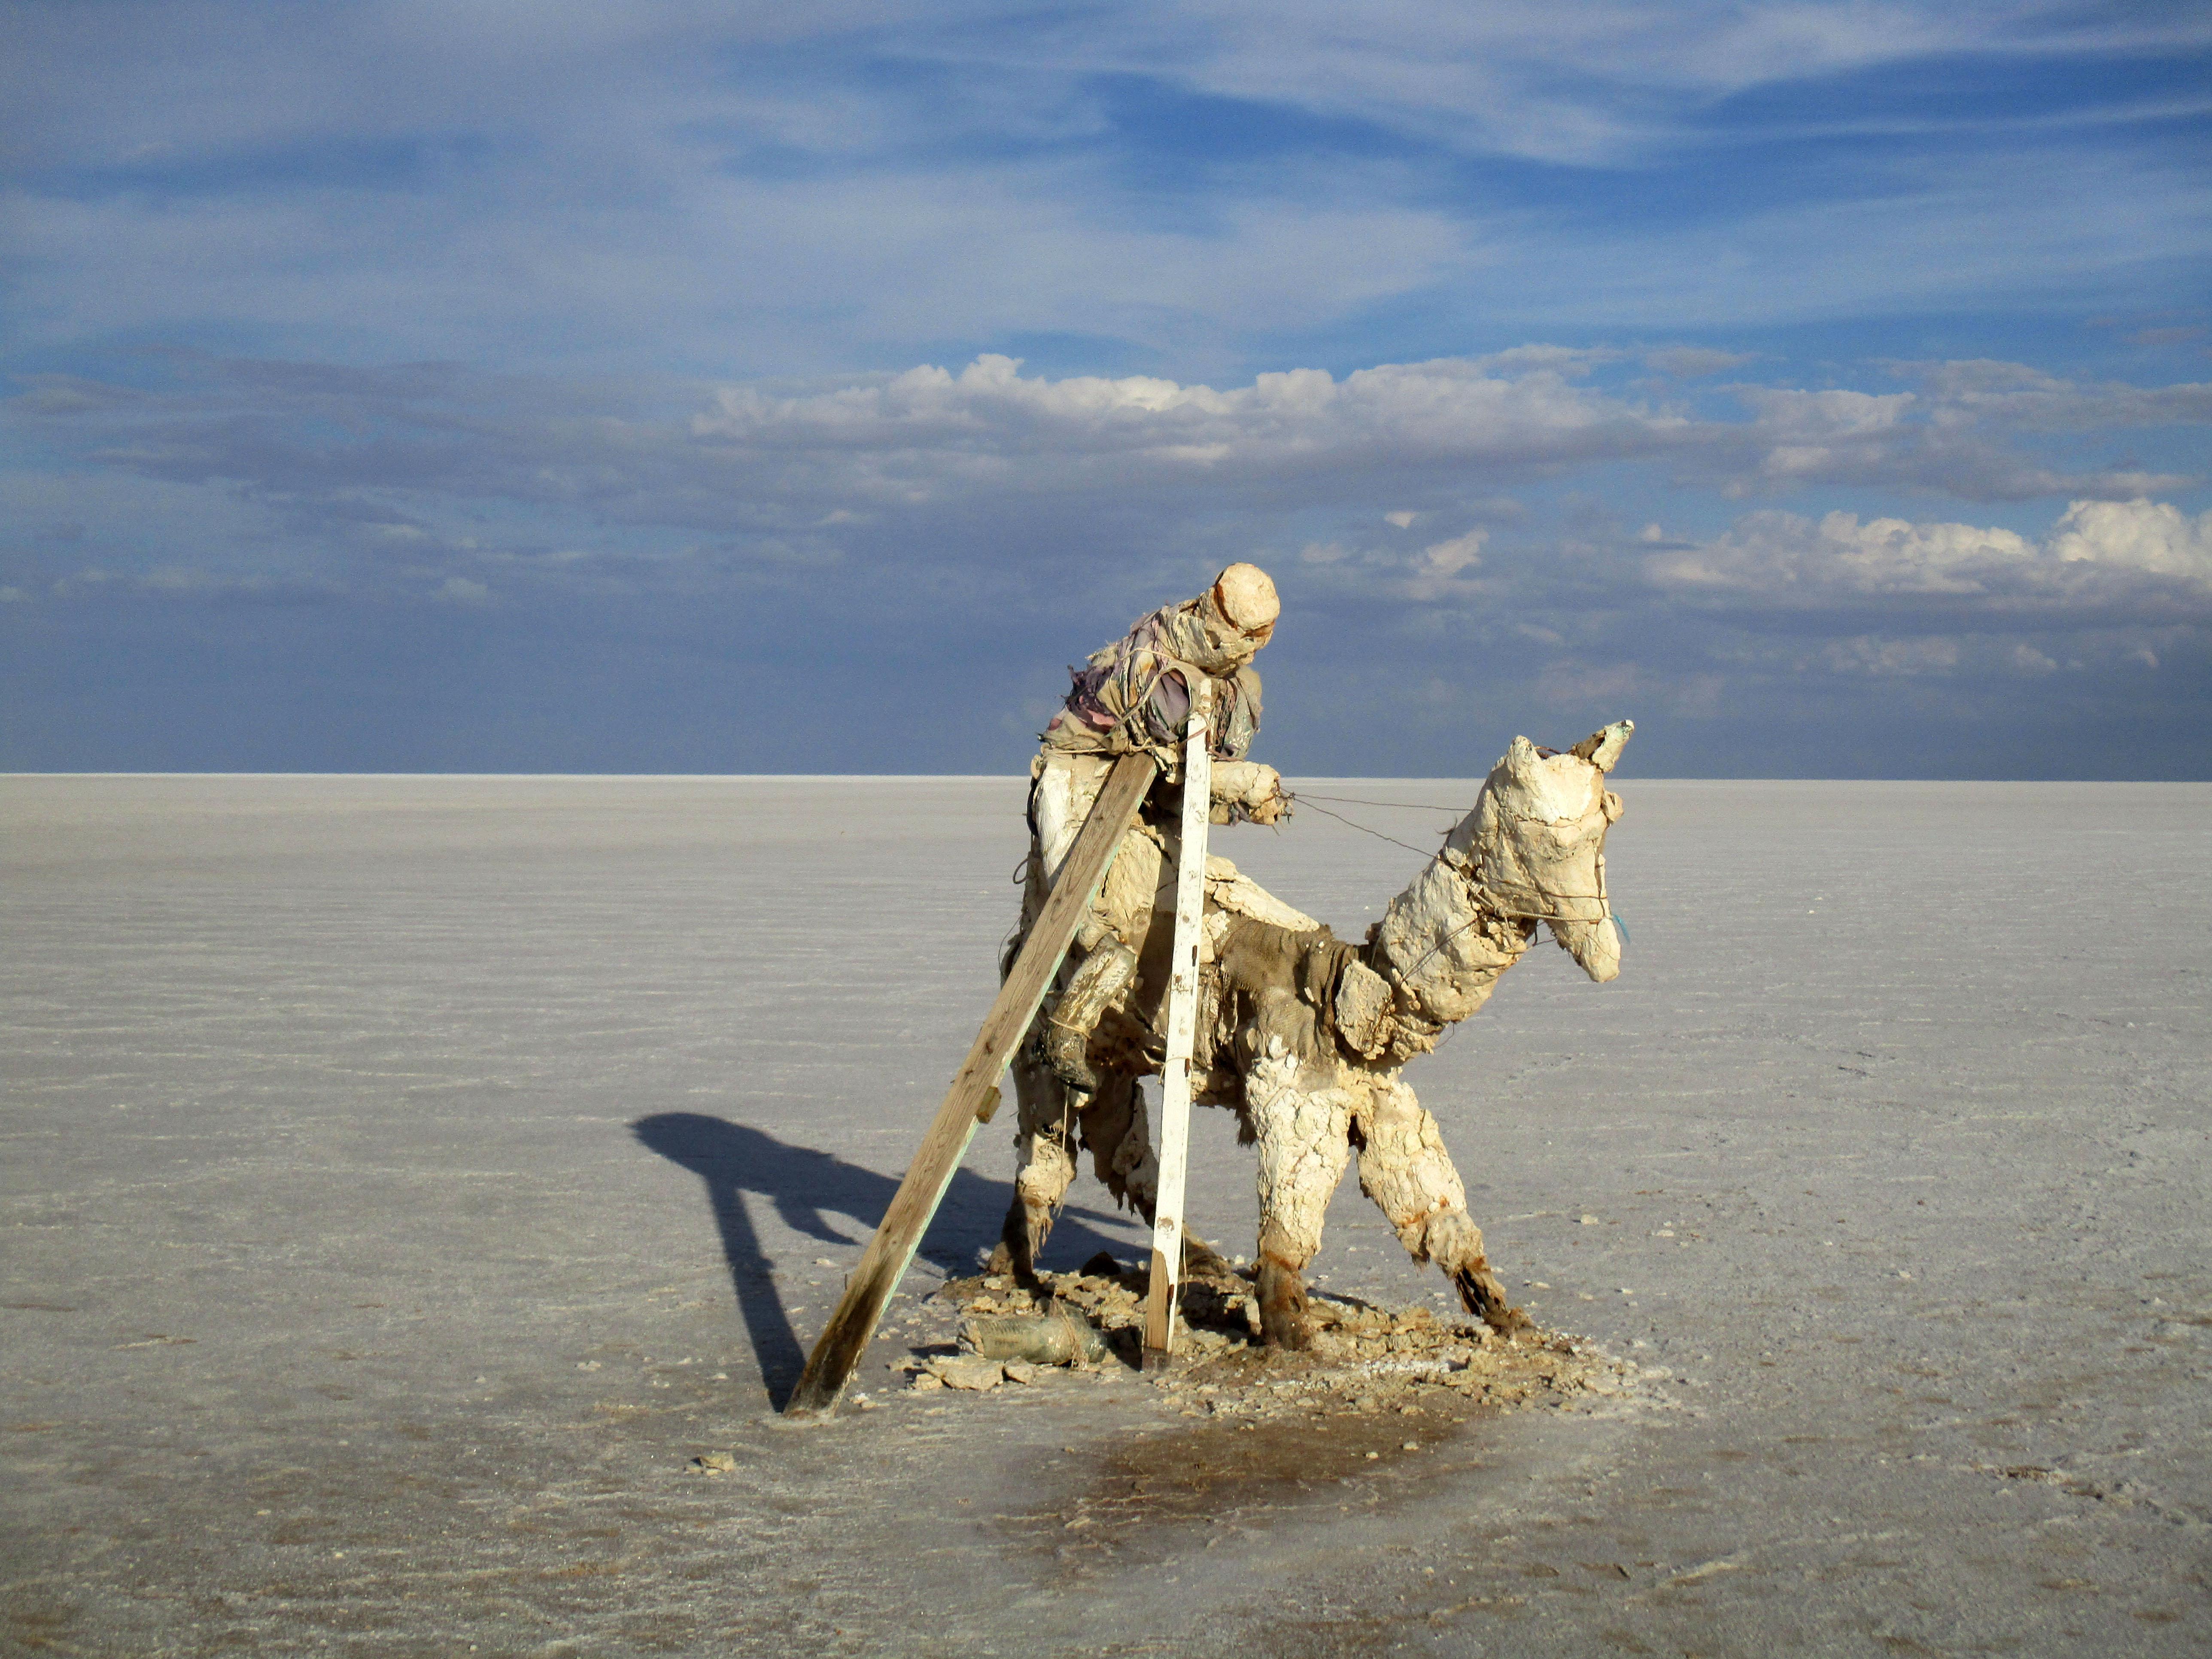 Essendo l'Iraq uno dei (pochi) Paesi al mondo che non ha visto, l'autore pubblica una foto della Tunisia (che ha visto)